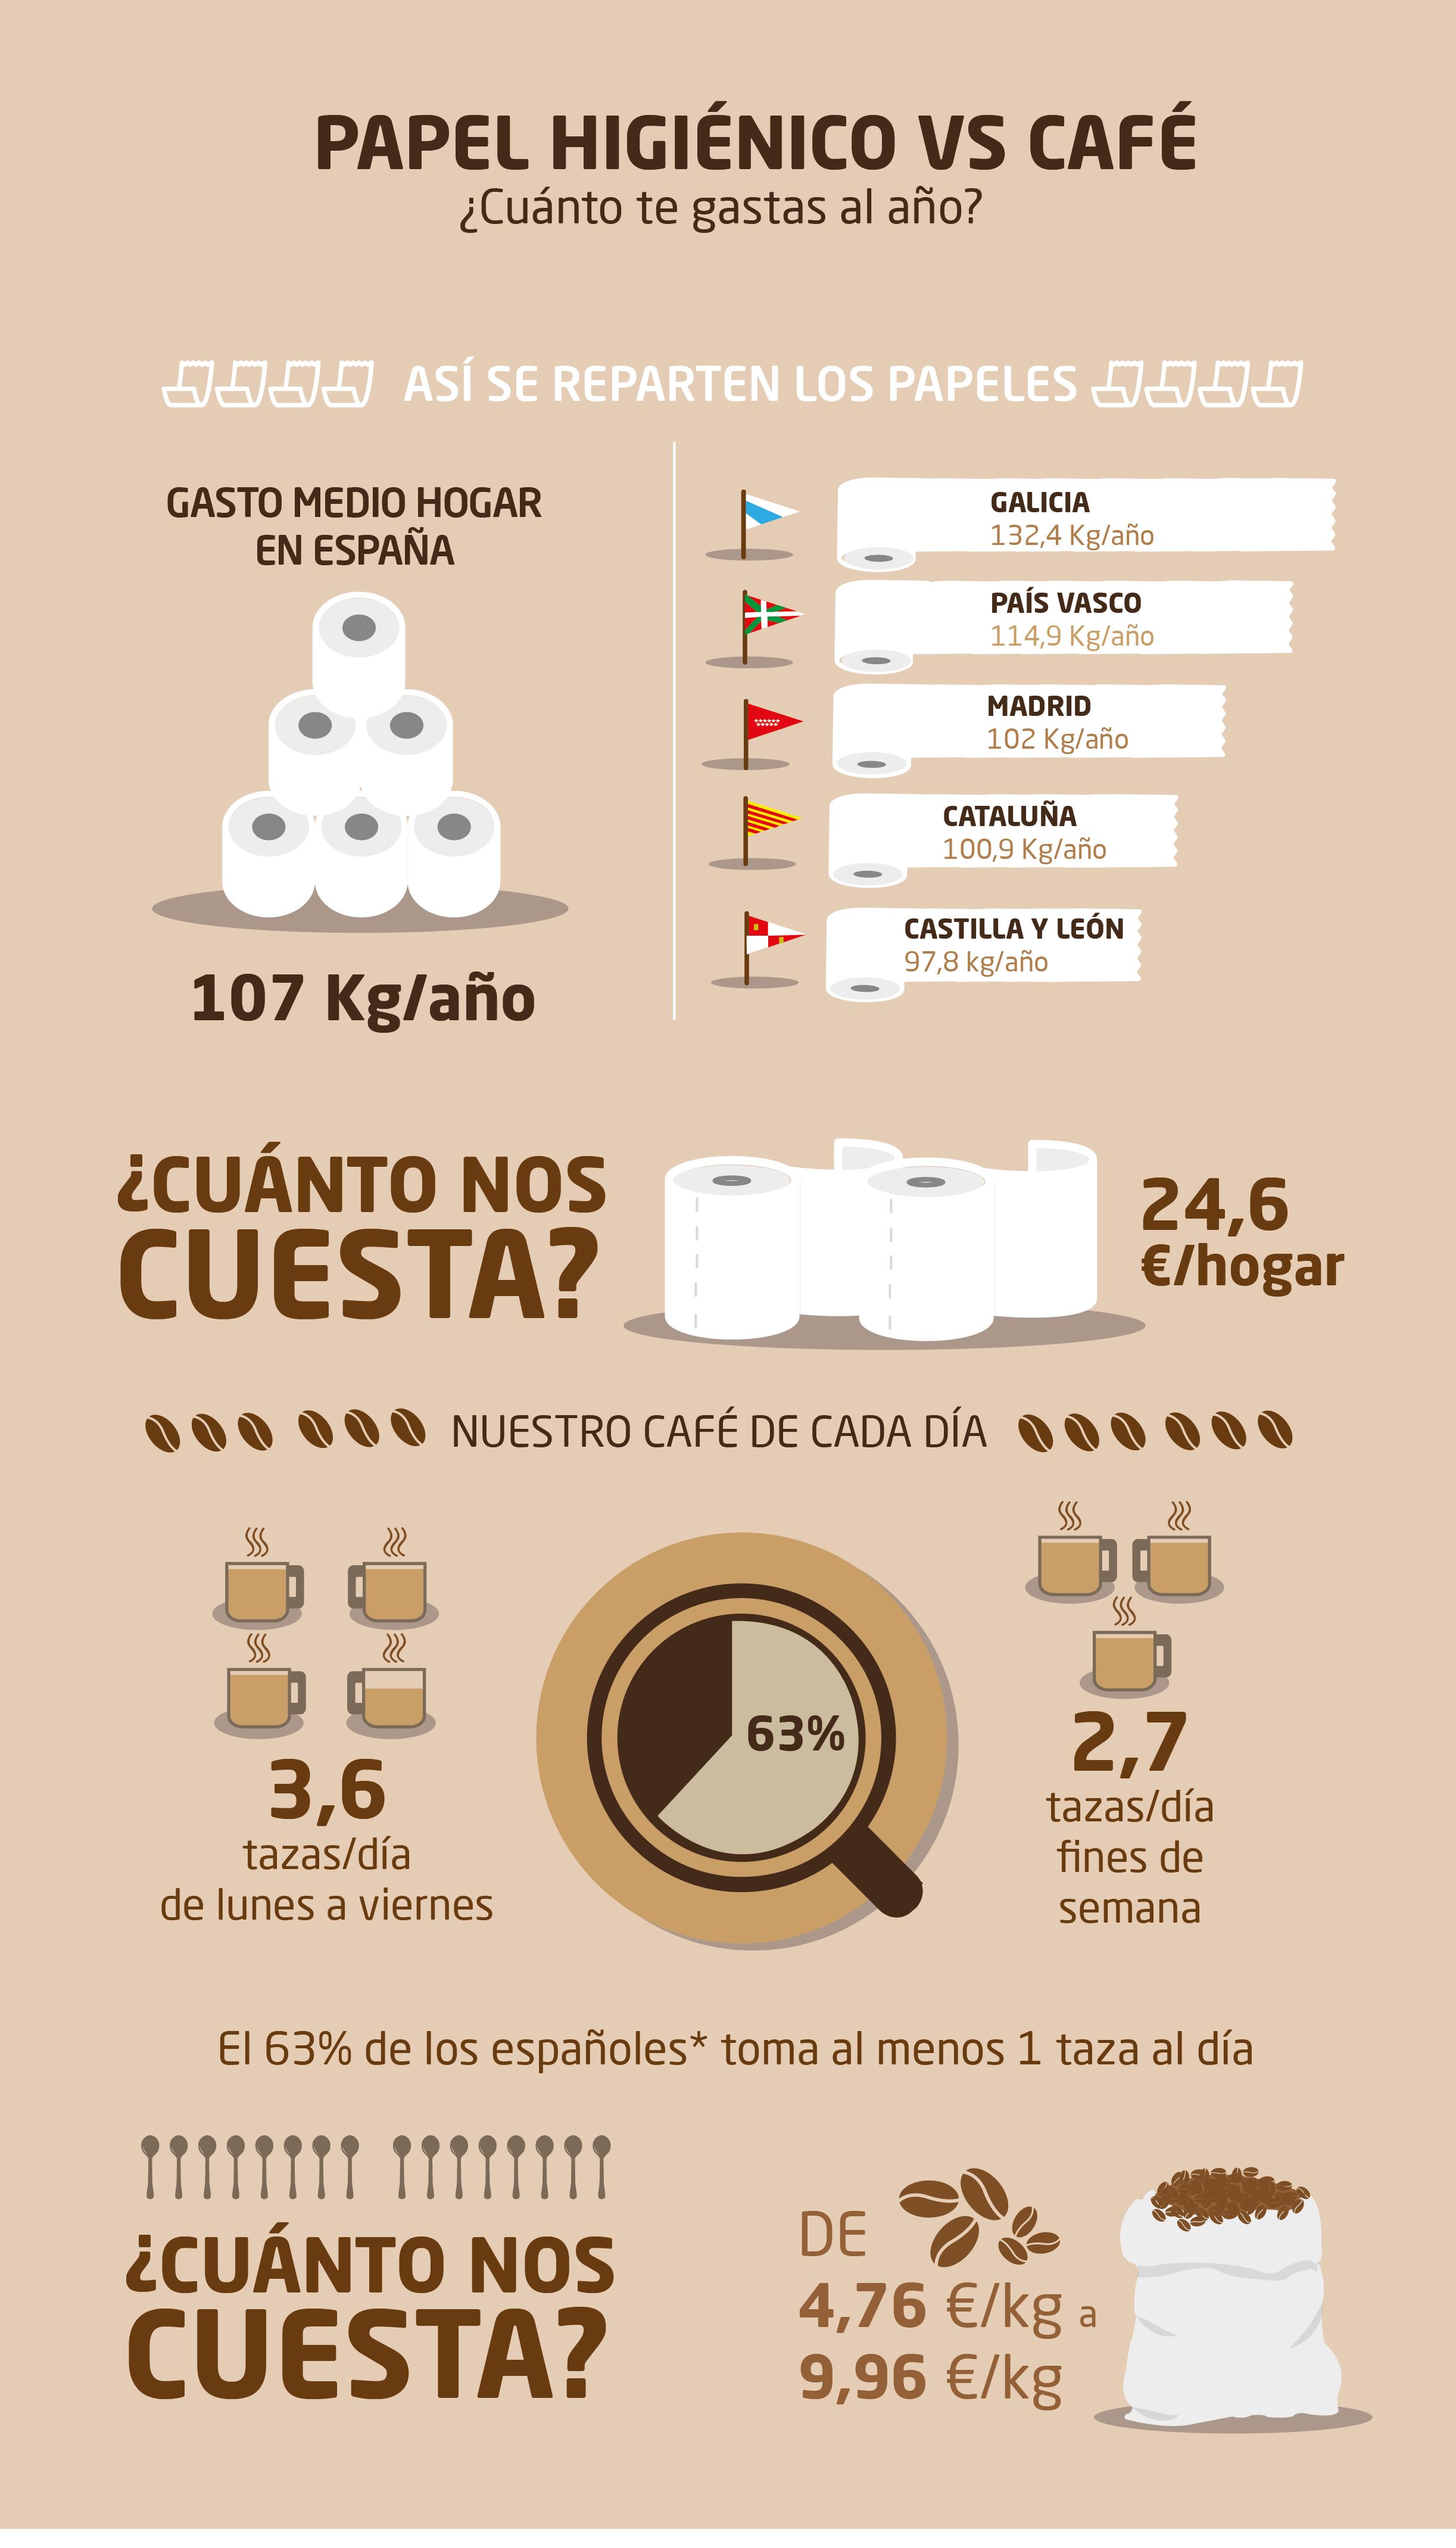 Infografía cuánto gastas al año en café y en papel higiénico